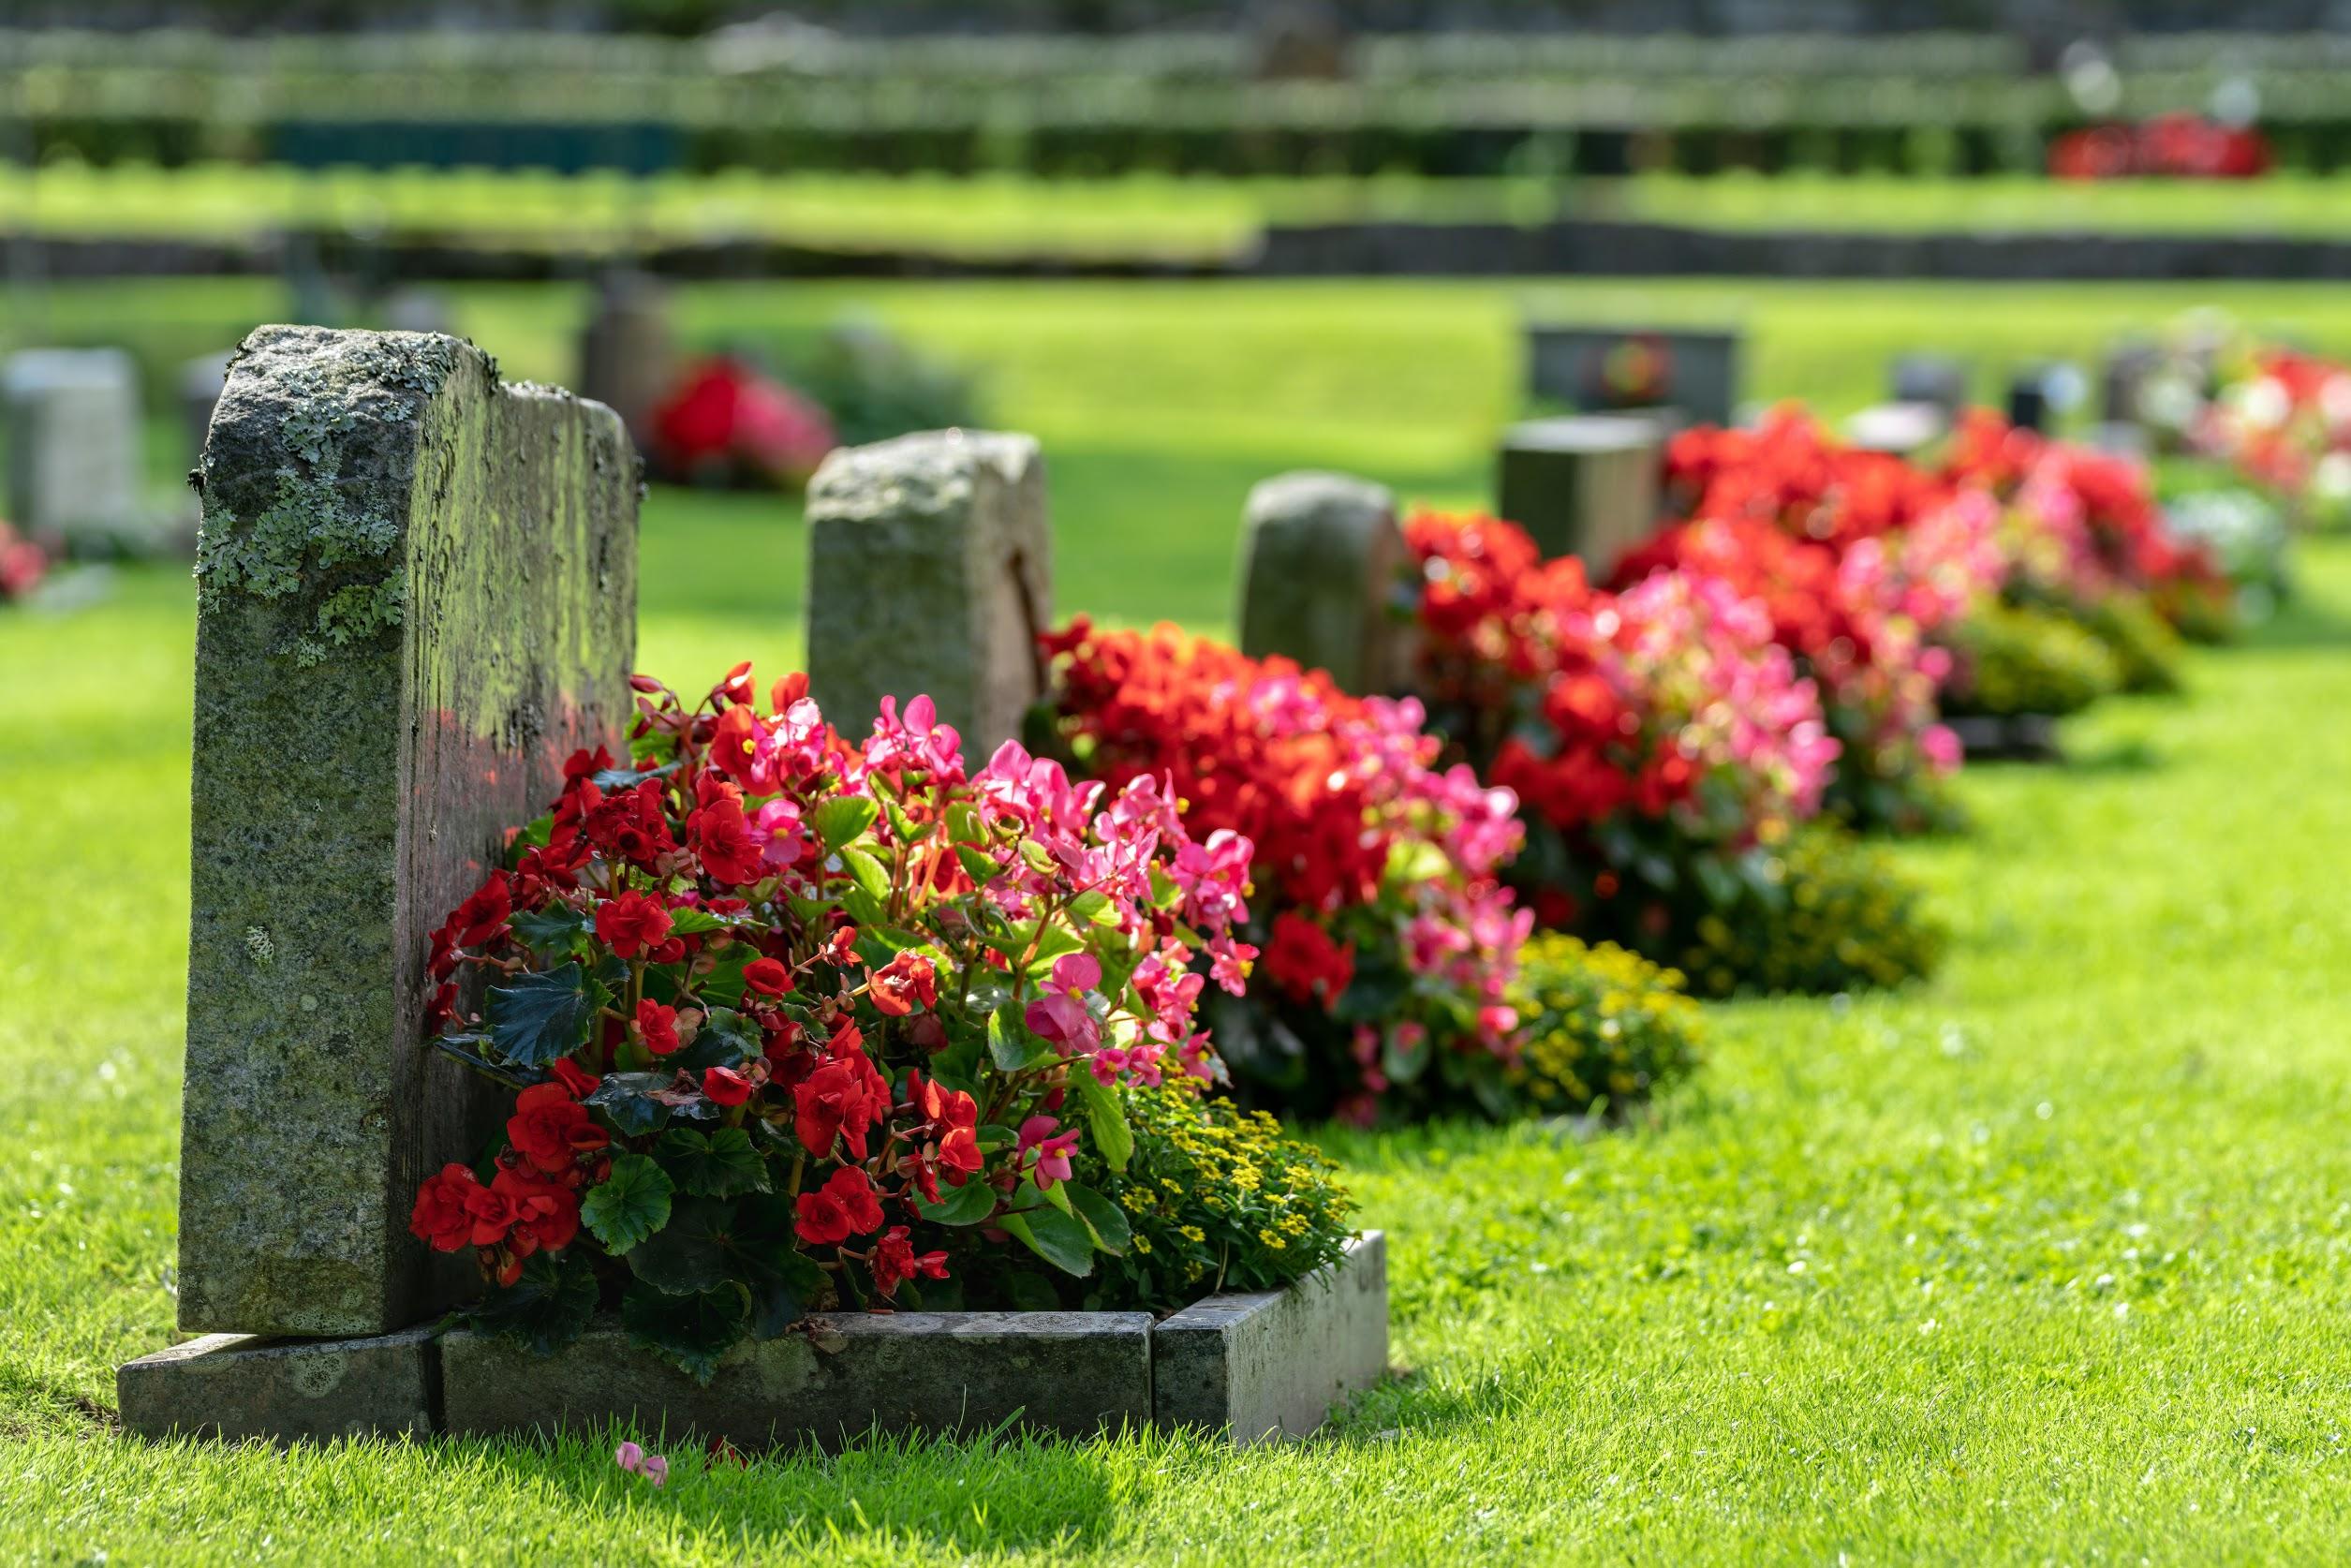 韓国のお墓事情はどのようなもの?日本とは大きく違うの?詳しく解説のサムネイル画像